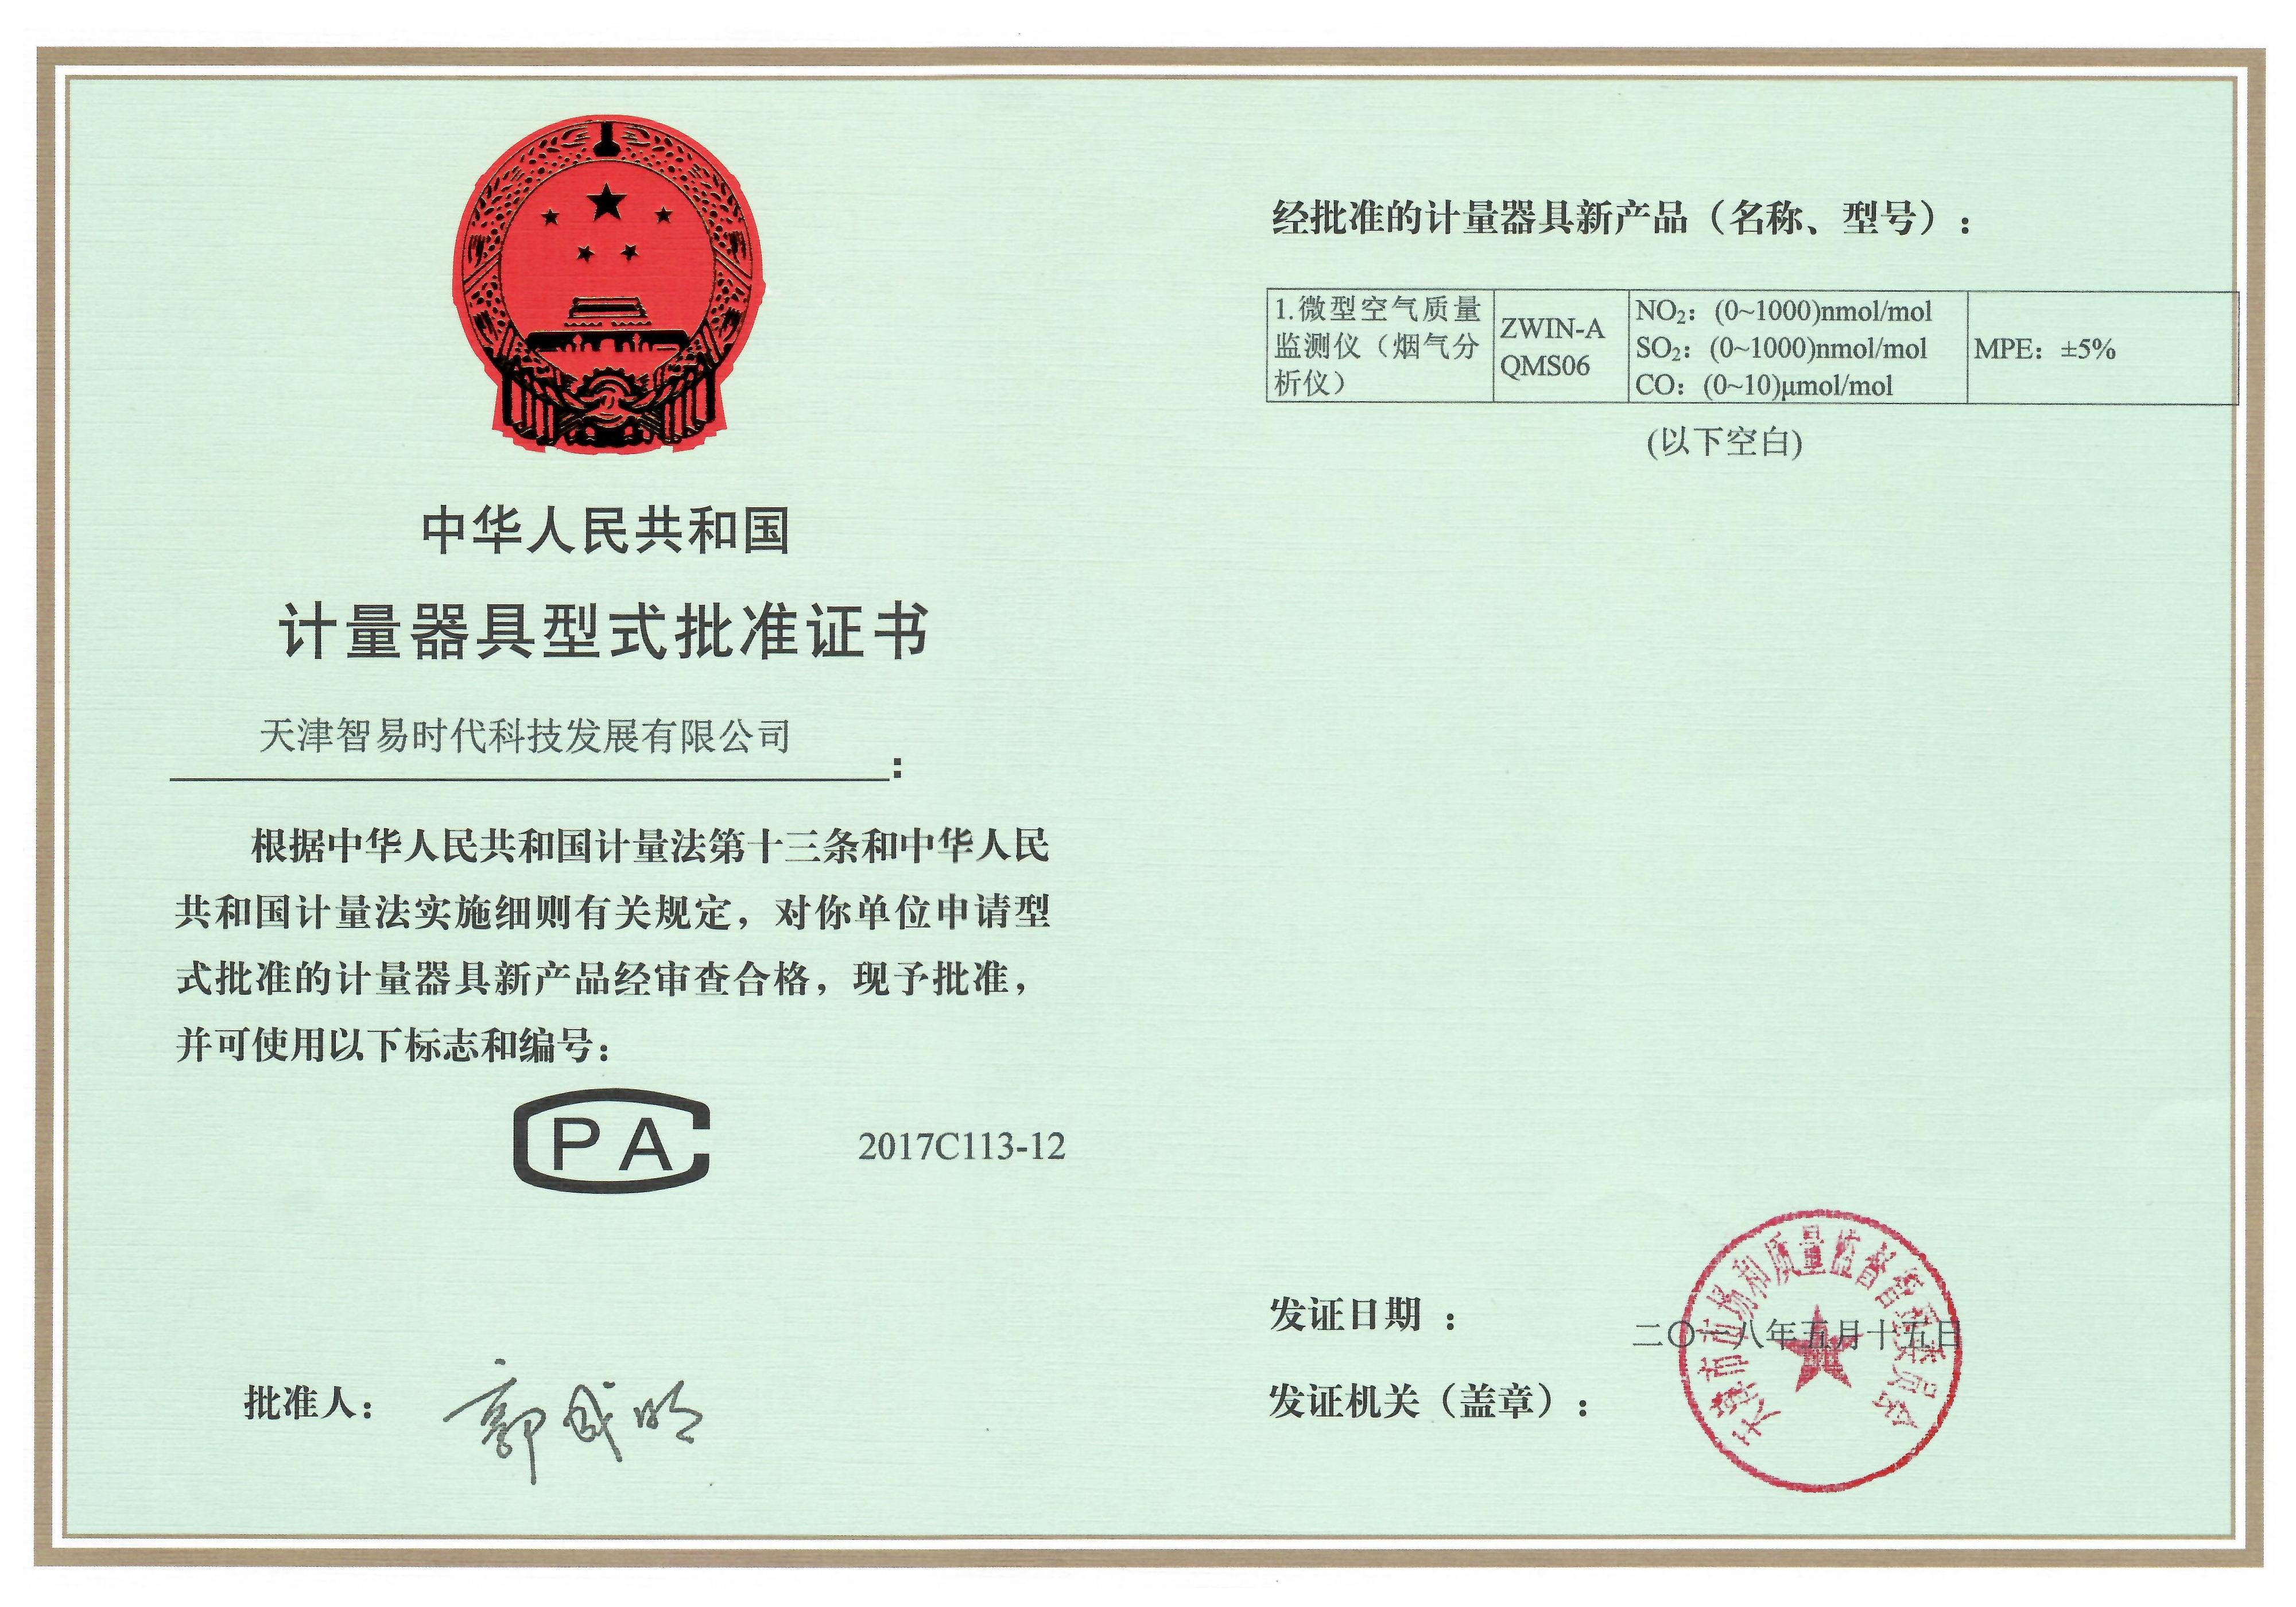 微型空气质量计量器具型式批准证书